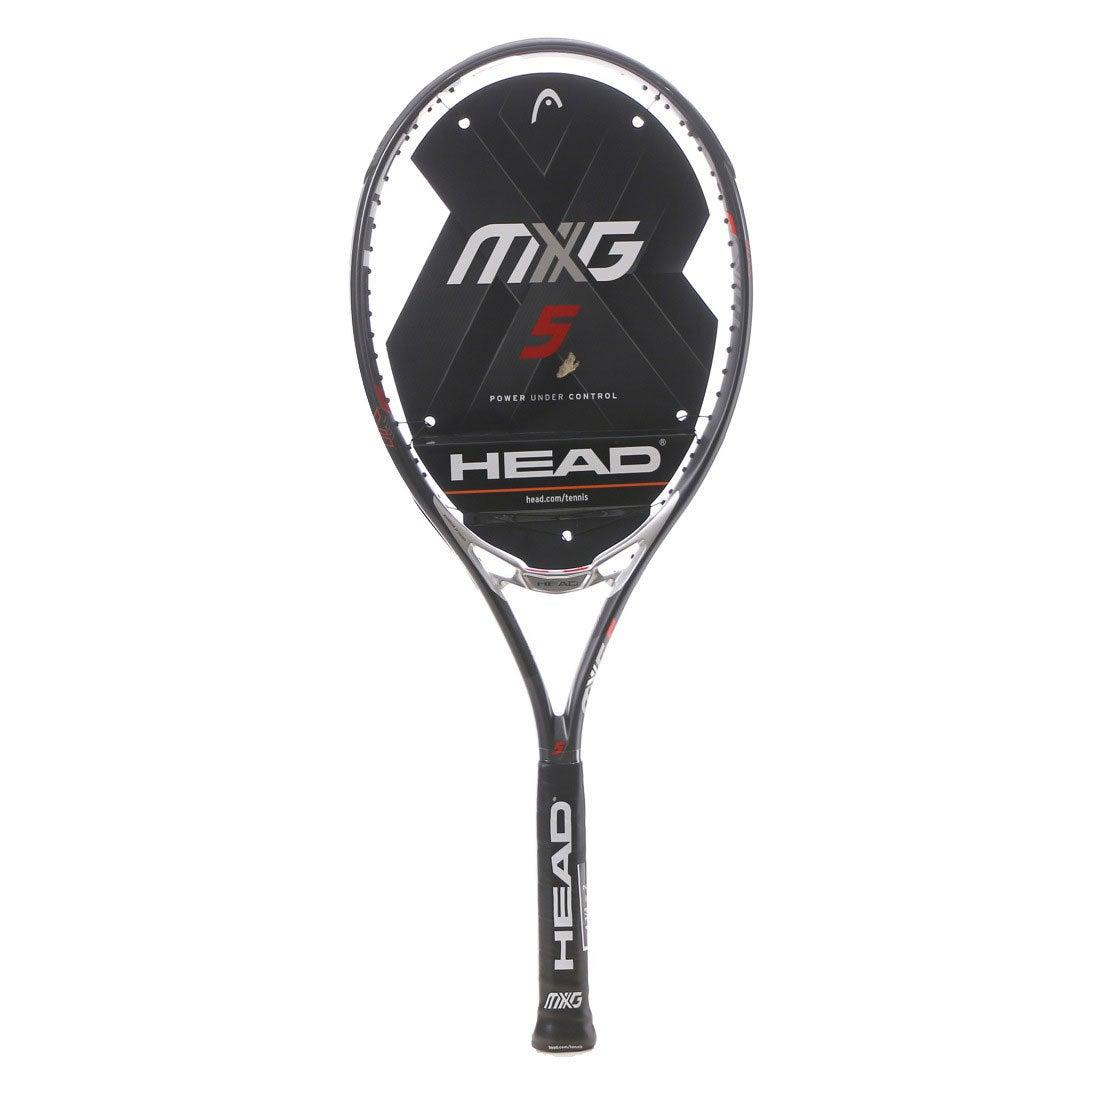 ロコンド 靴とファッションの通販サイトヘッドHEADユニセックス硬式テニス未張りラケットMXG5238717834